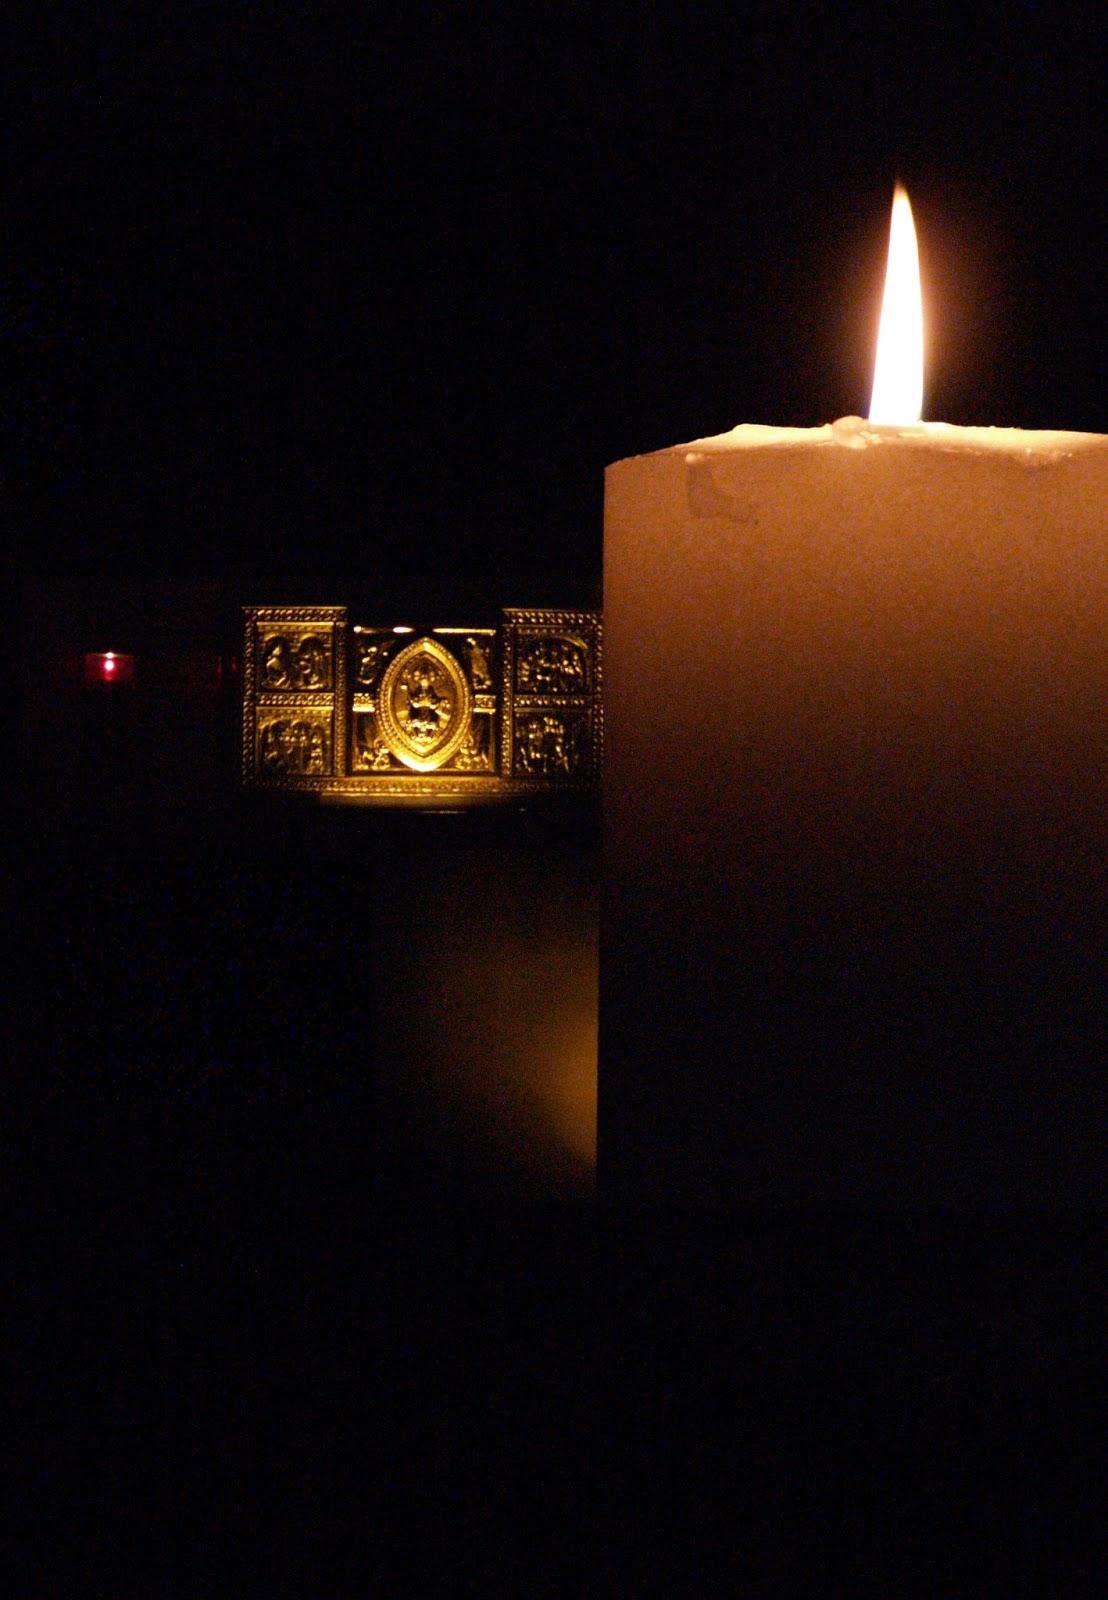 Bigues dehors cierge et lumi re for Lampe dehors